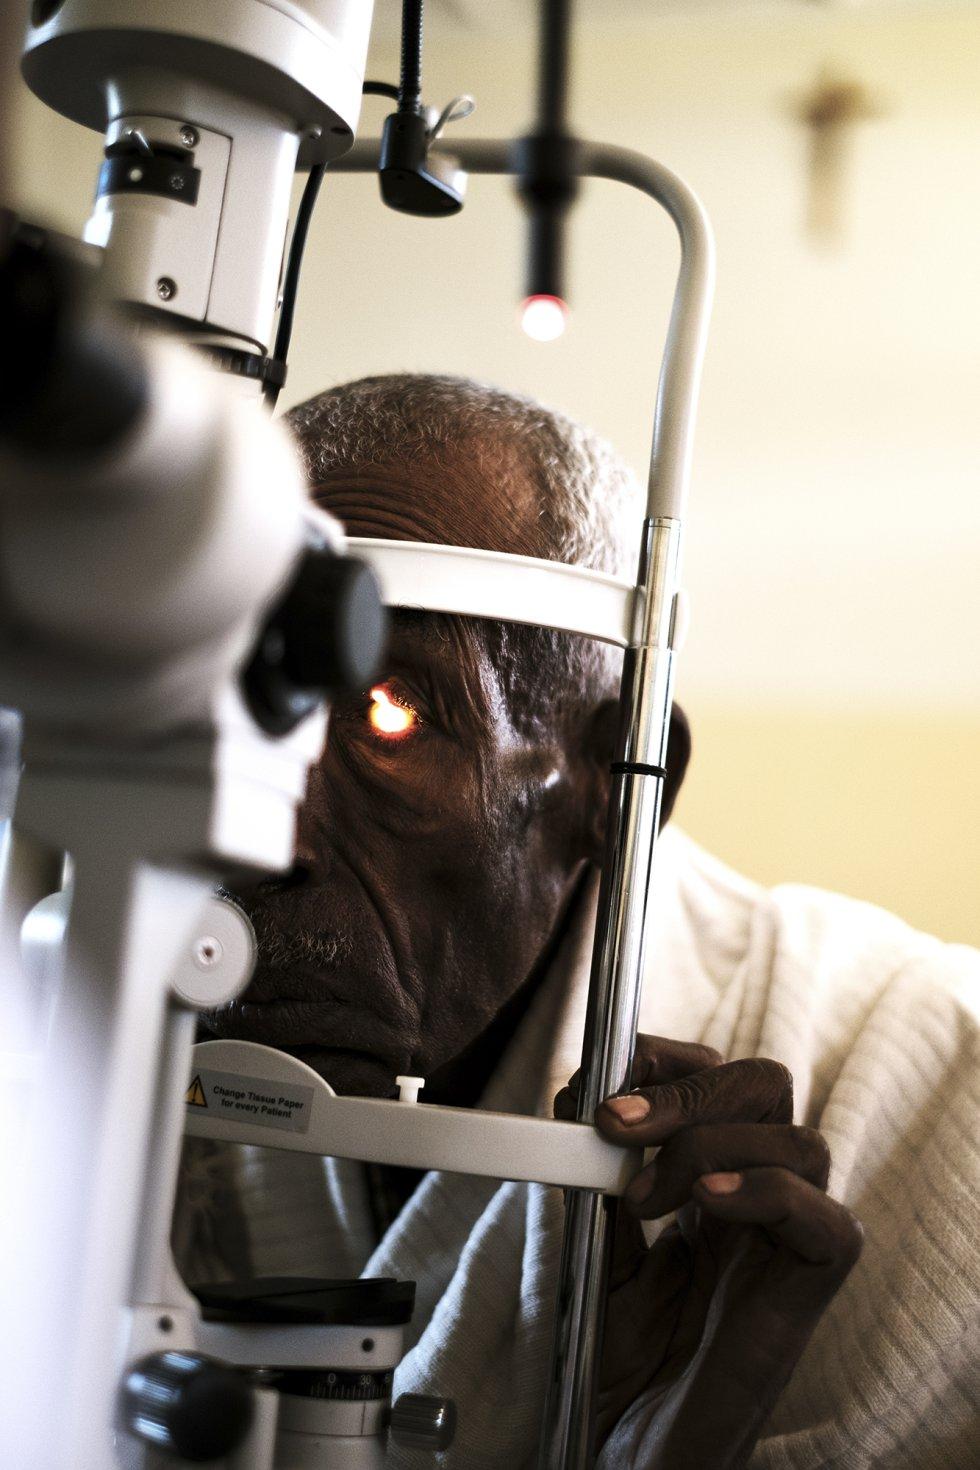 En el centro de Salud de Wassserà trabaja un equipo de oftalmólogos de la organización italiana Amoa Onlus. Los pocos centros de salud como este, en Wasserà, son los únicos lugares adonde la población local, en su mayoría pequeños agricultores, que viven en chozas sin acceso a agua potable y electricidad, puede acudir a revisarse la vista. En la imagen, un anciano durante un examen oftalmológico con lámpara de hendidura.